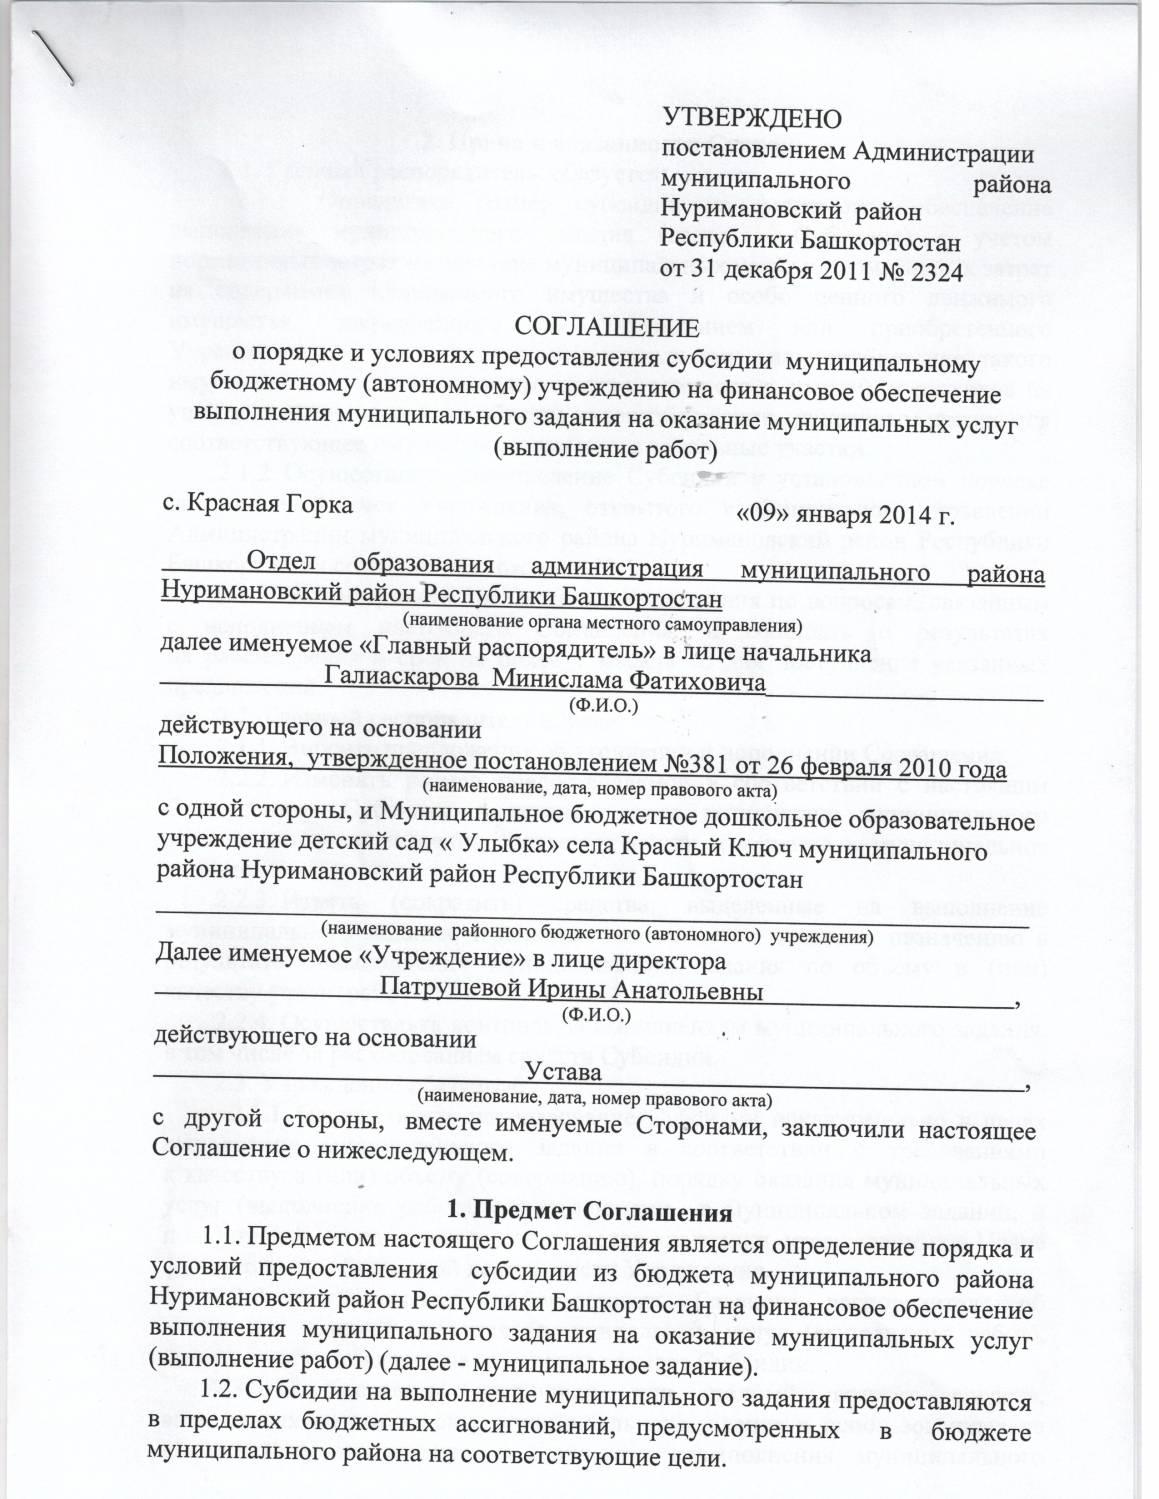 должностная инструкция помощника начальника юридического отдела 2016